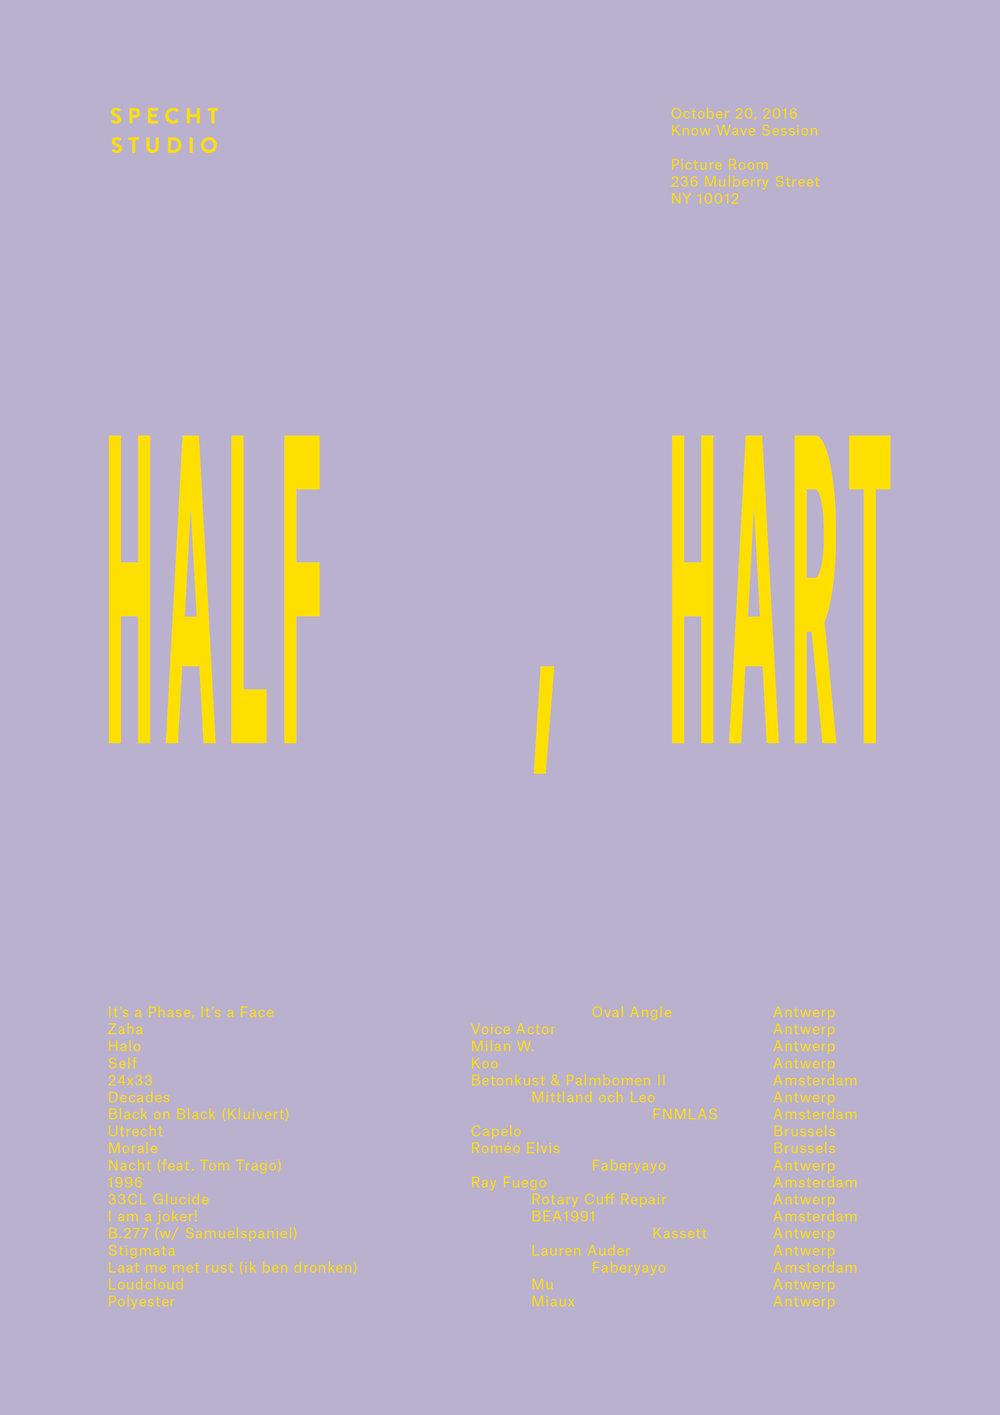 HalfHart_KWsession_FINAAL-03.jpg